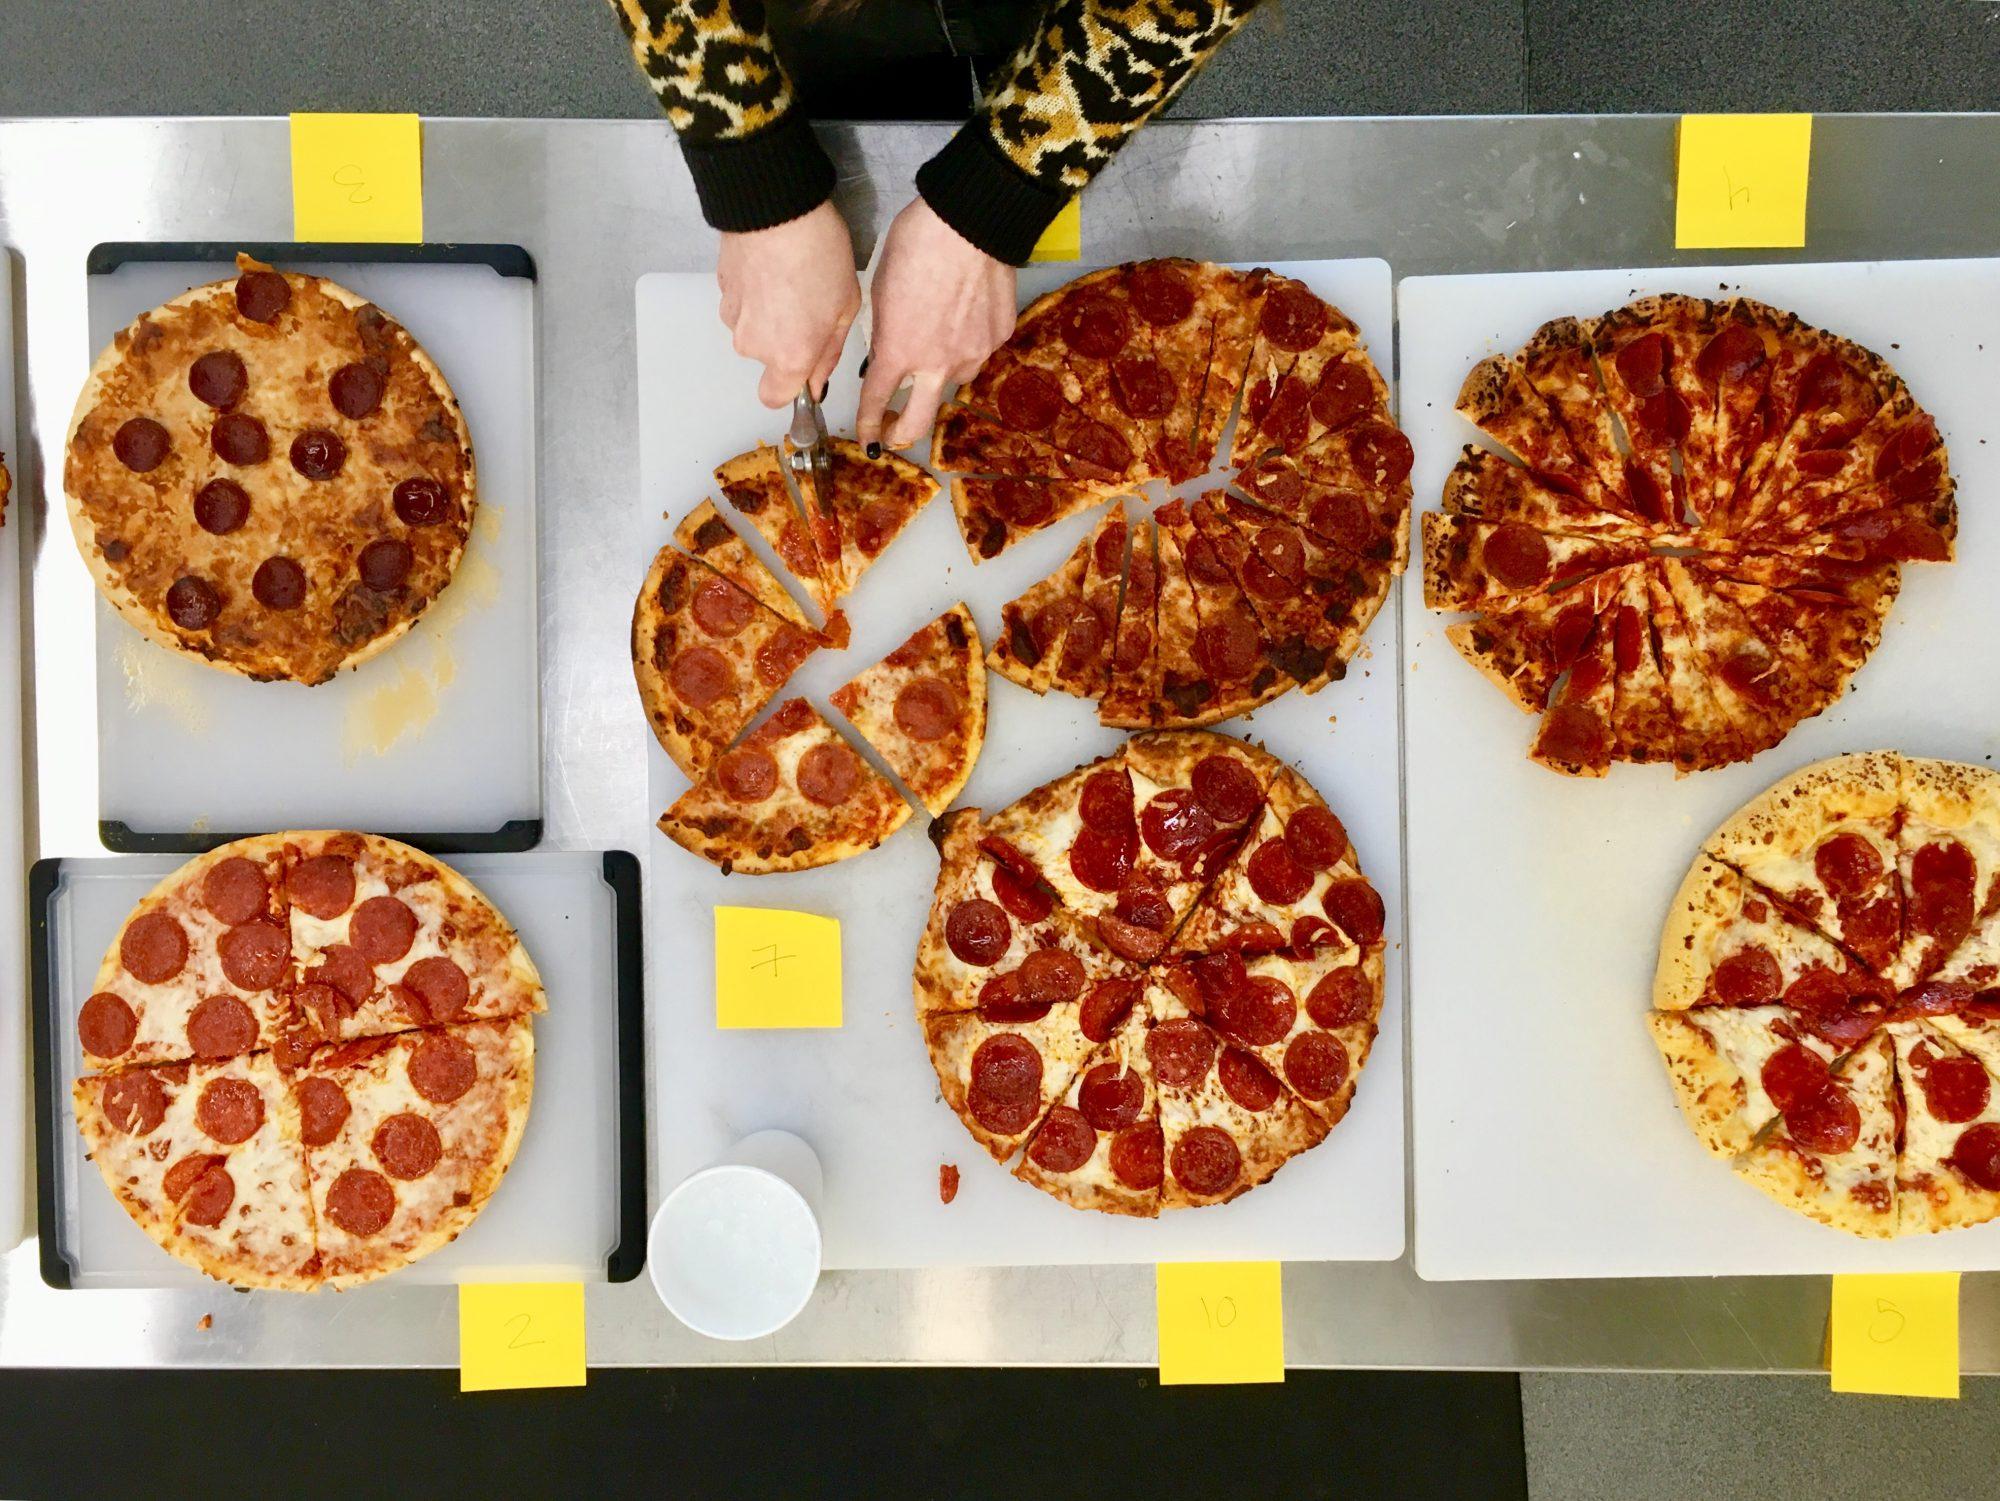 pepperoni pizza taste test